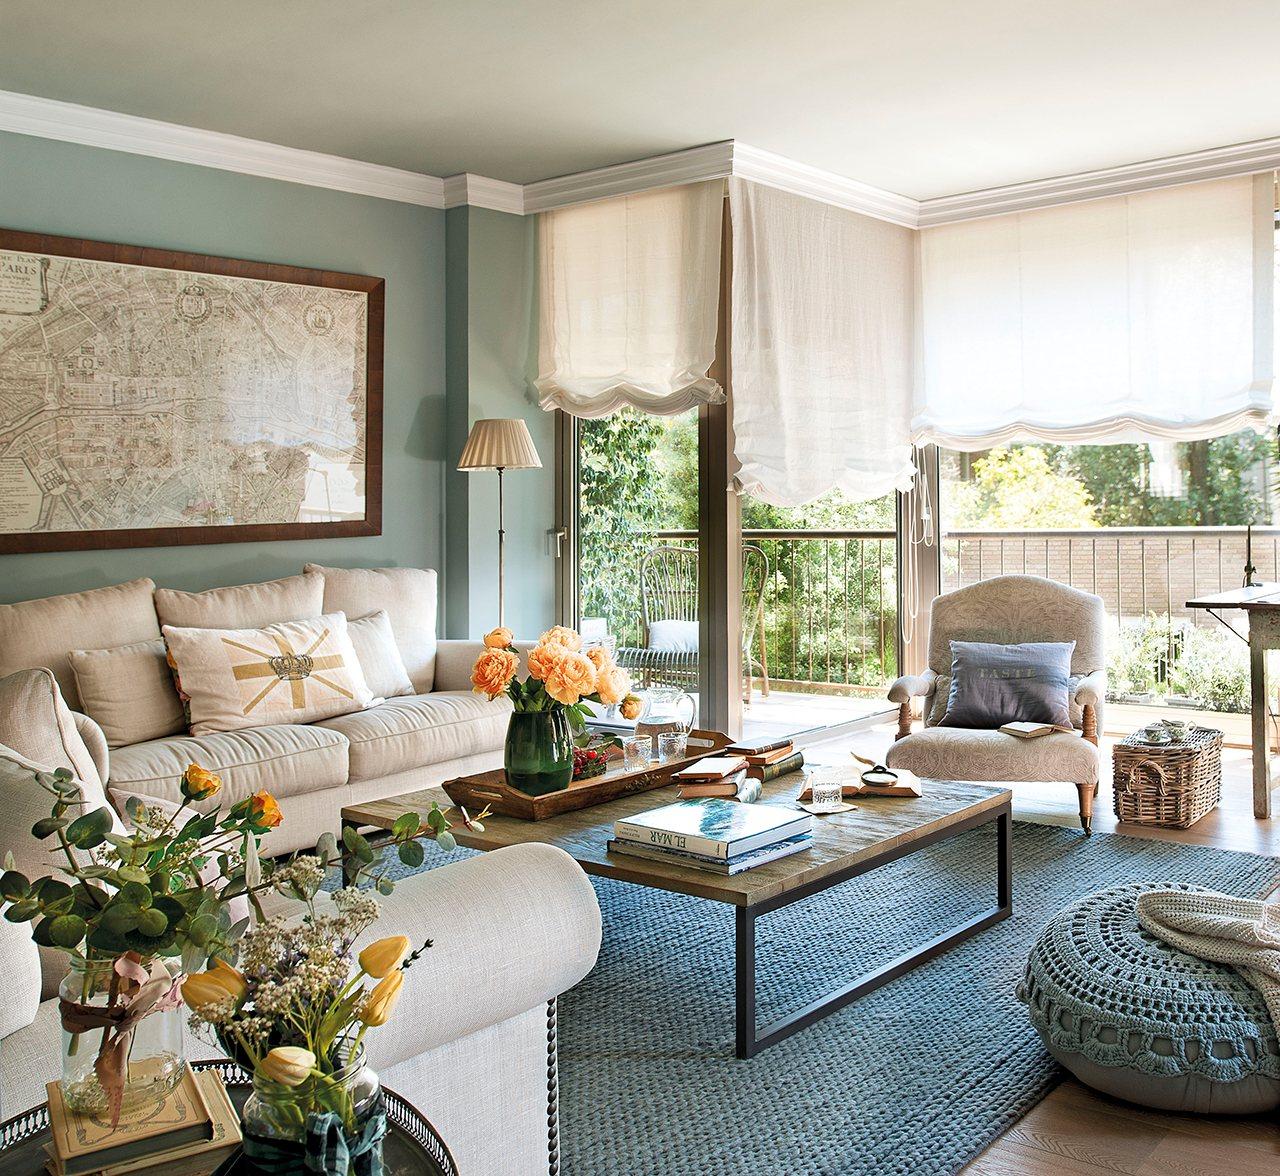 Una reforma muy pr ctica para una familia numerosa - Color paredes para muebles oscuros ...